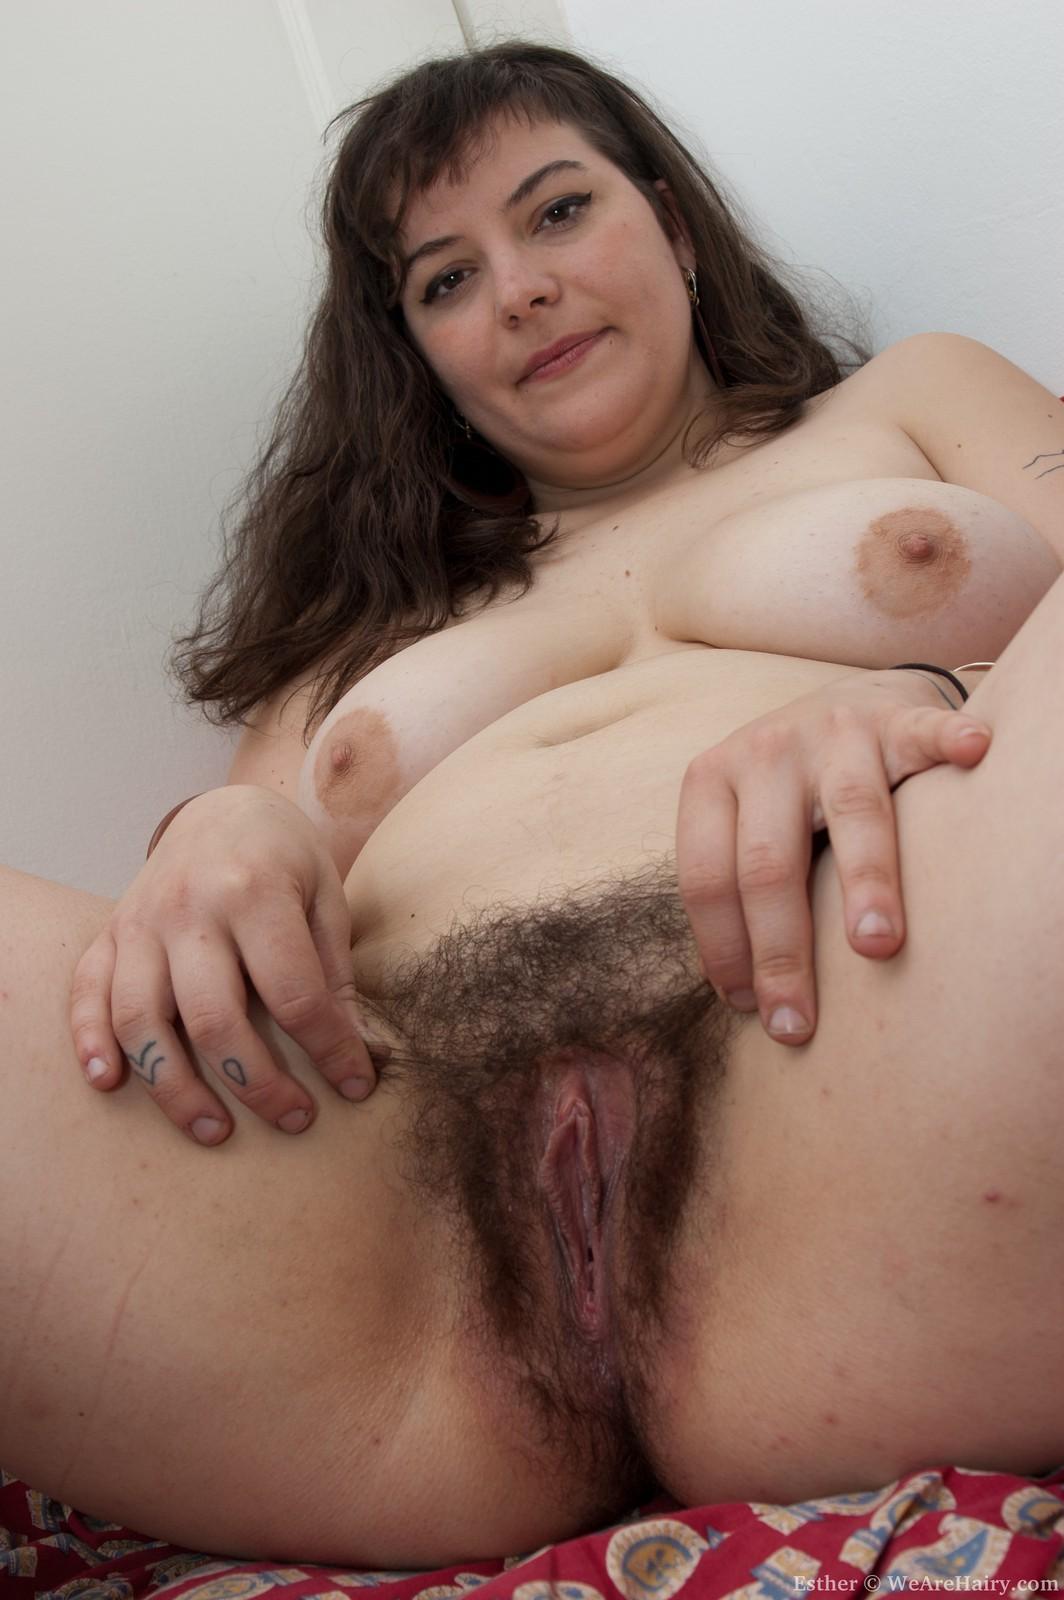 порно с волосатыми красивыми женщинами